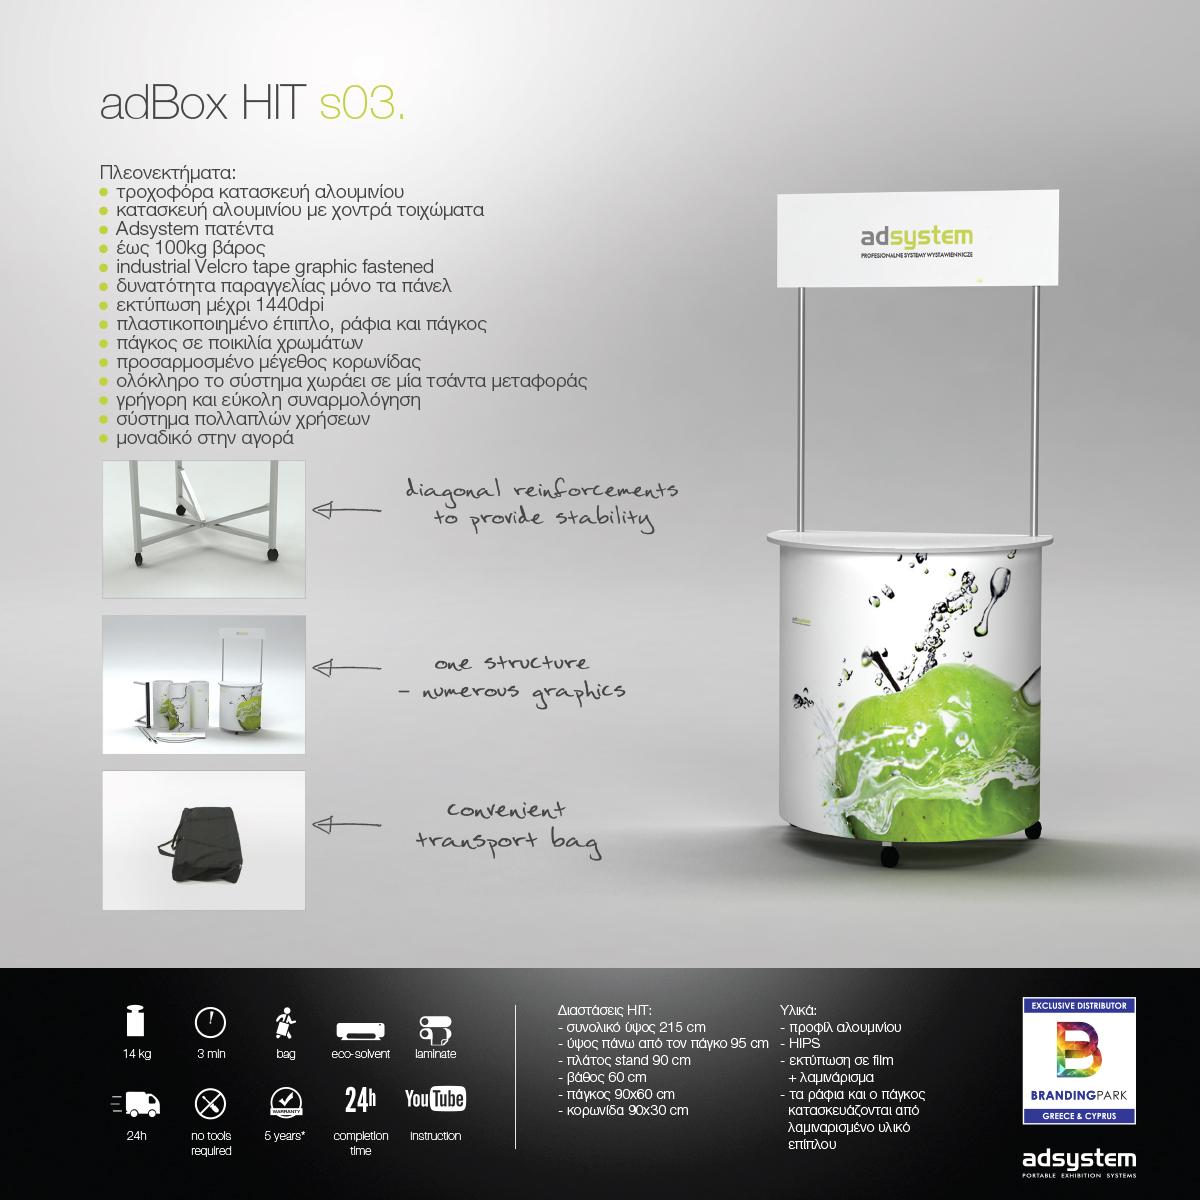 Promo stand adBox HIT s03.